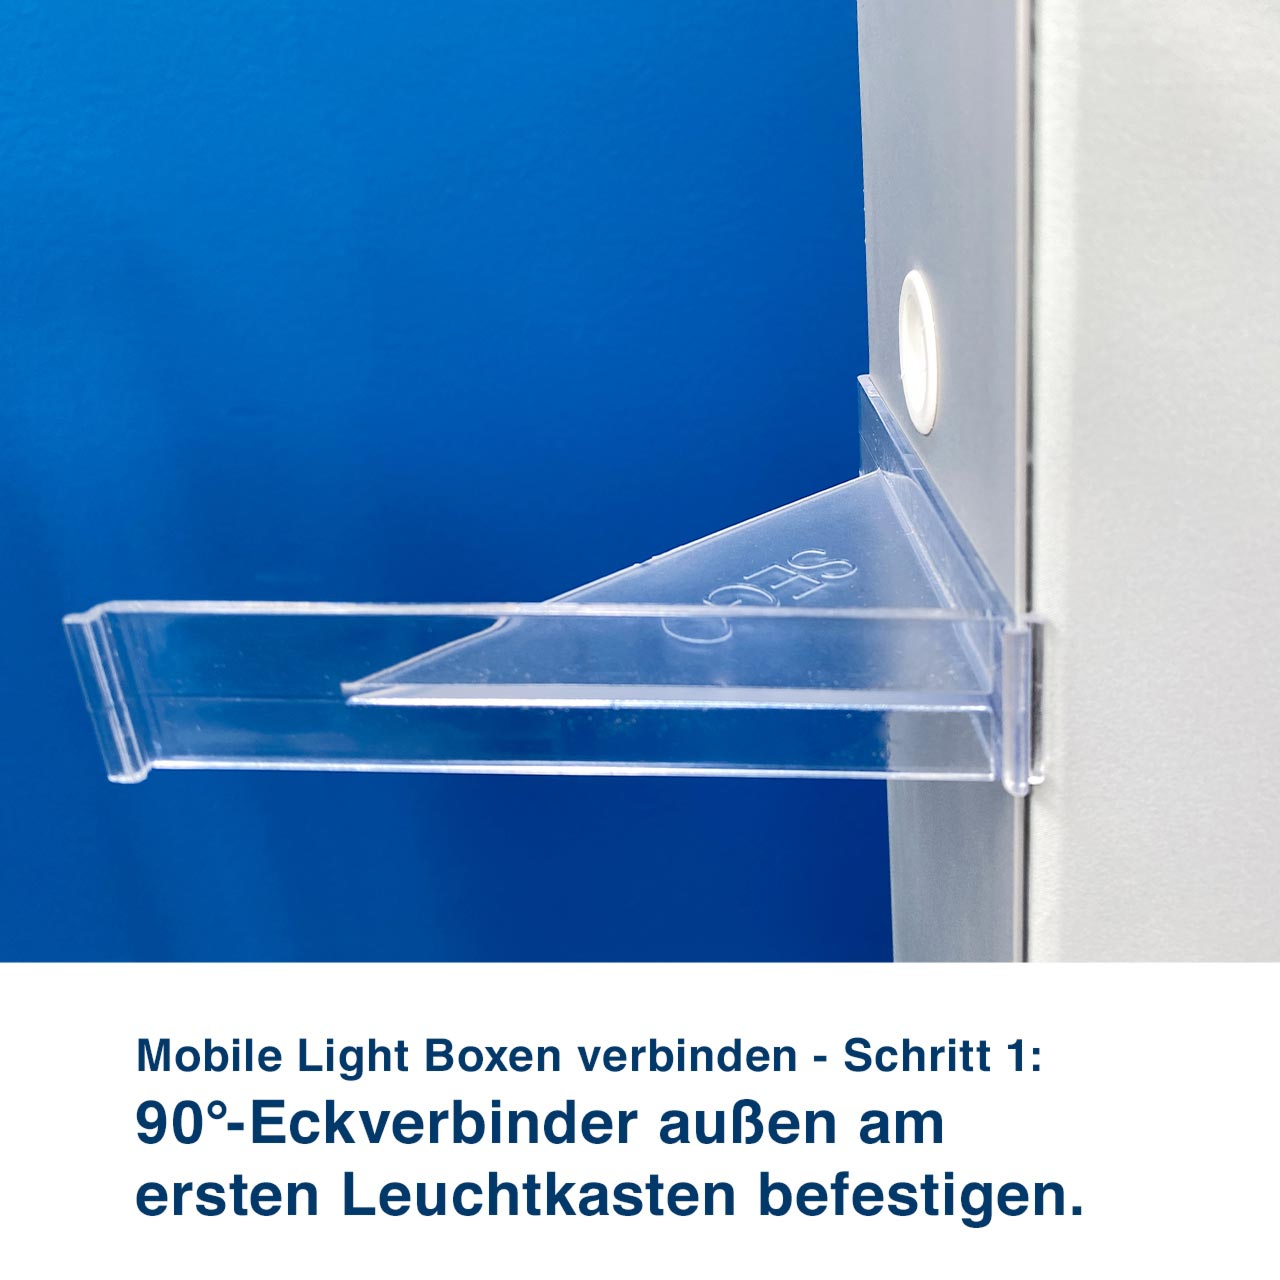 Mobile Light Boxen verbinden - Schritt 1:  90°-Eckverbinder außen am  ersten Leuchtkasten befestigen.